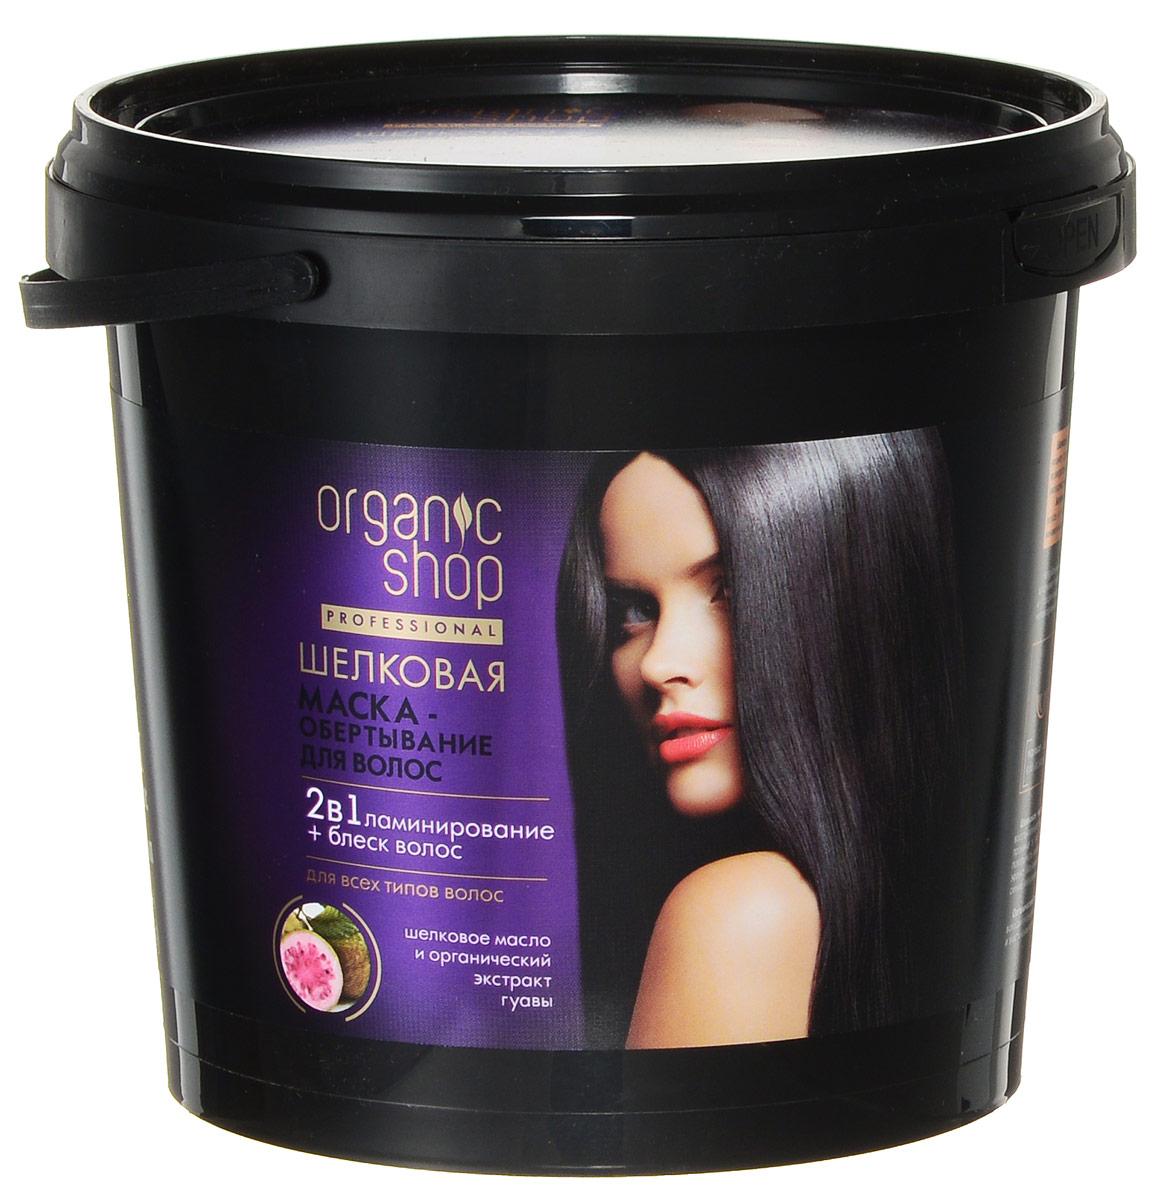 Organic Shop Professional Маска-обертывание шелковая для волос, 1000 мл0861-12-5292Шелковая маска-обертывание оказывает мощное профессиональное воздействие, позволяя достичь мгновенного эффекта ламинирования в домашних условиях. Активная формула 2 в 1 обволакивает волосы и насыщает их необходимыми витаминами и микроэлементами. Натуральные компоненты, входящие в ее состав заполняют поврежденные участки, разглаживая и утолщая каждый волосок, придает гладкость и неповторимый глянцевый блеск. Шелковое масло интенсивно увлажняет и восстанавливает кератиновый слой волос, легко проникая в его структуру оно запечатывает поверхность волоса защитным слоем, создавая эффект био-ламинирования. Дарит роскошное сияние и несравненную мягкость шелка. Органический экстракт гуавы обеспечивает волосам глубокое питание, делая их послушными и эластичными по всей длине.